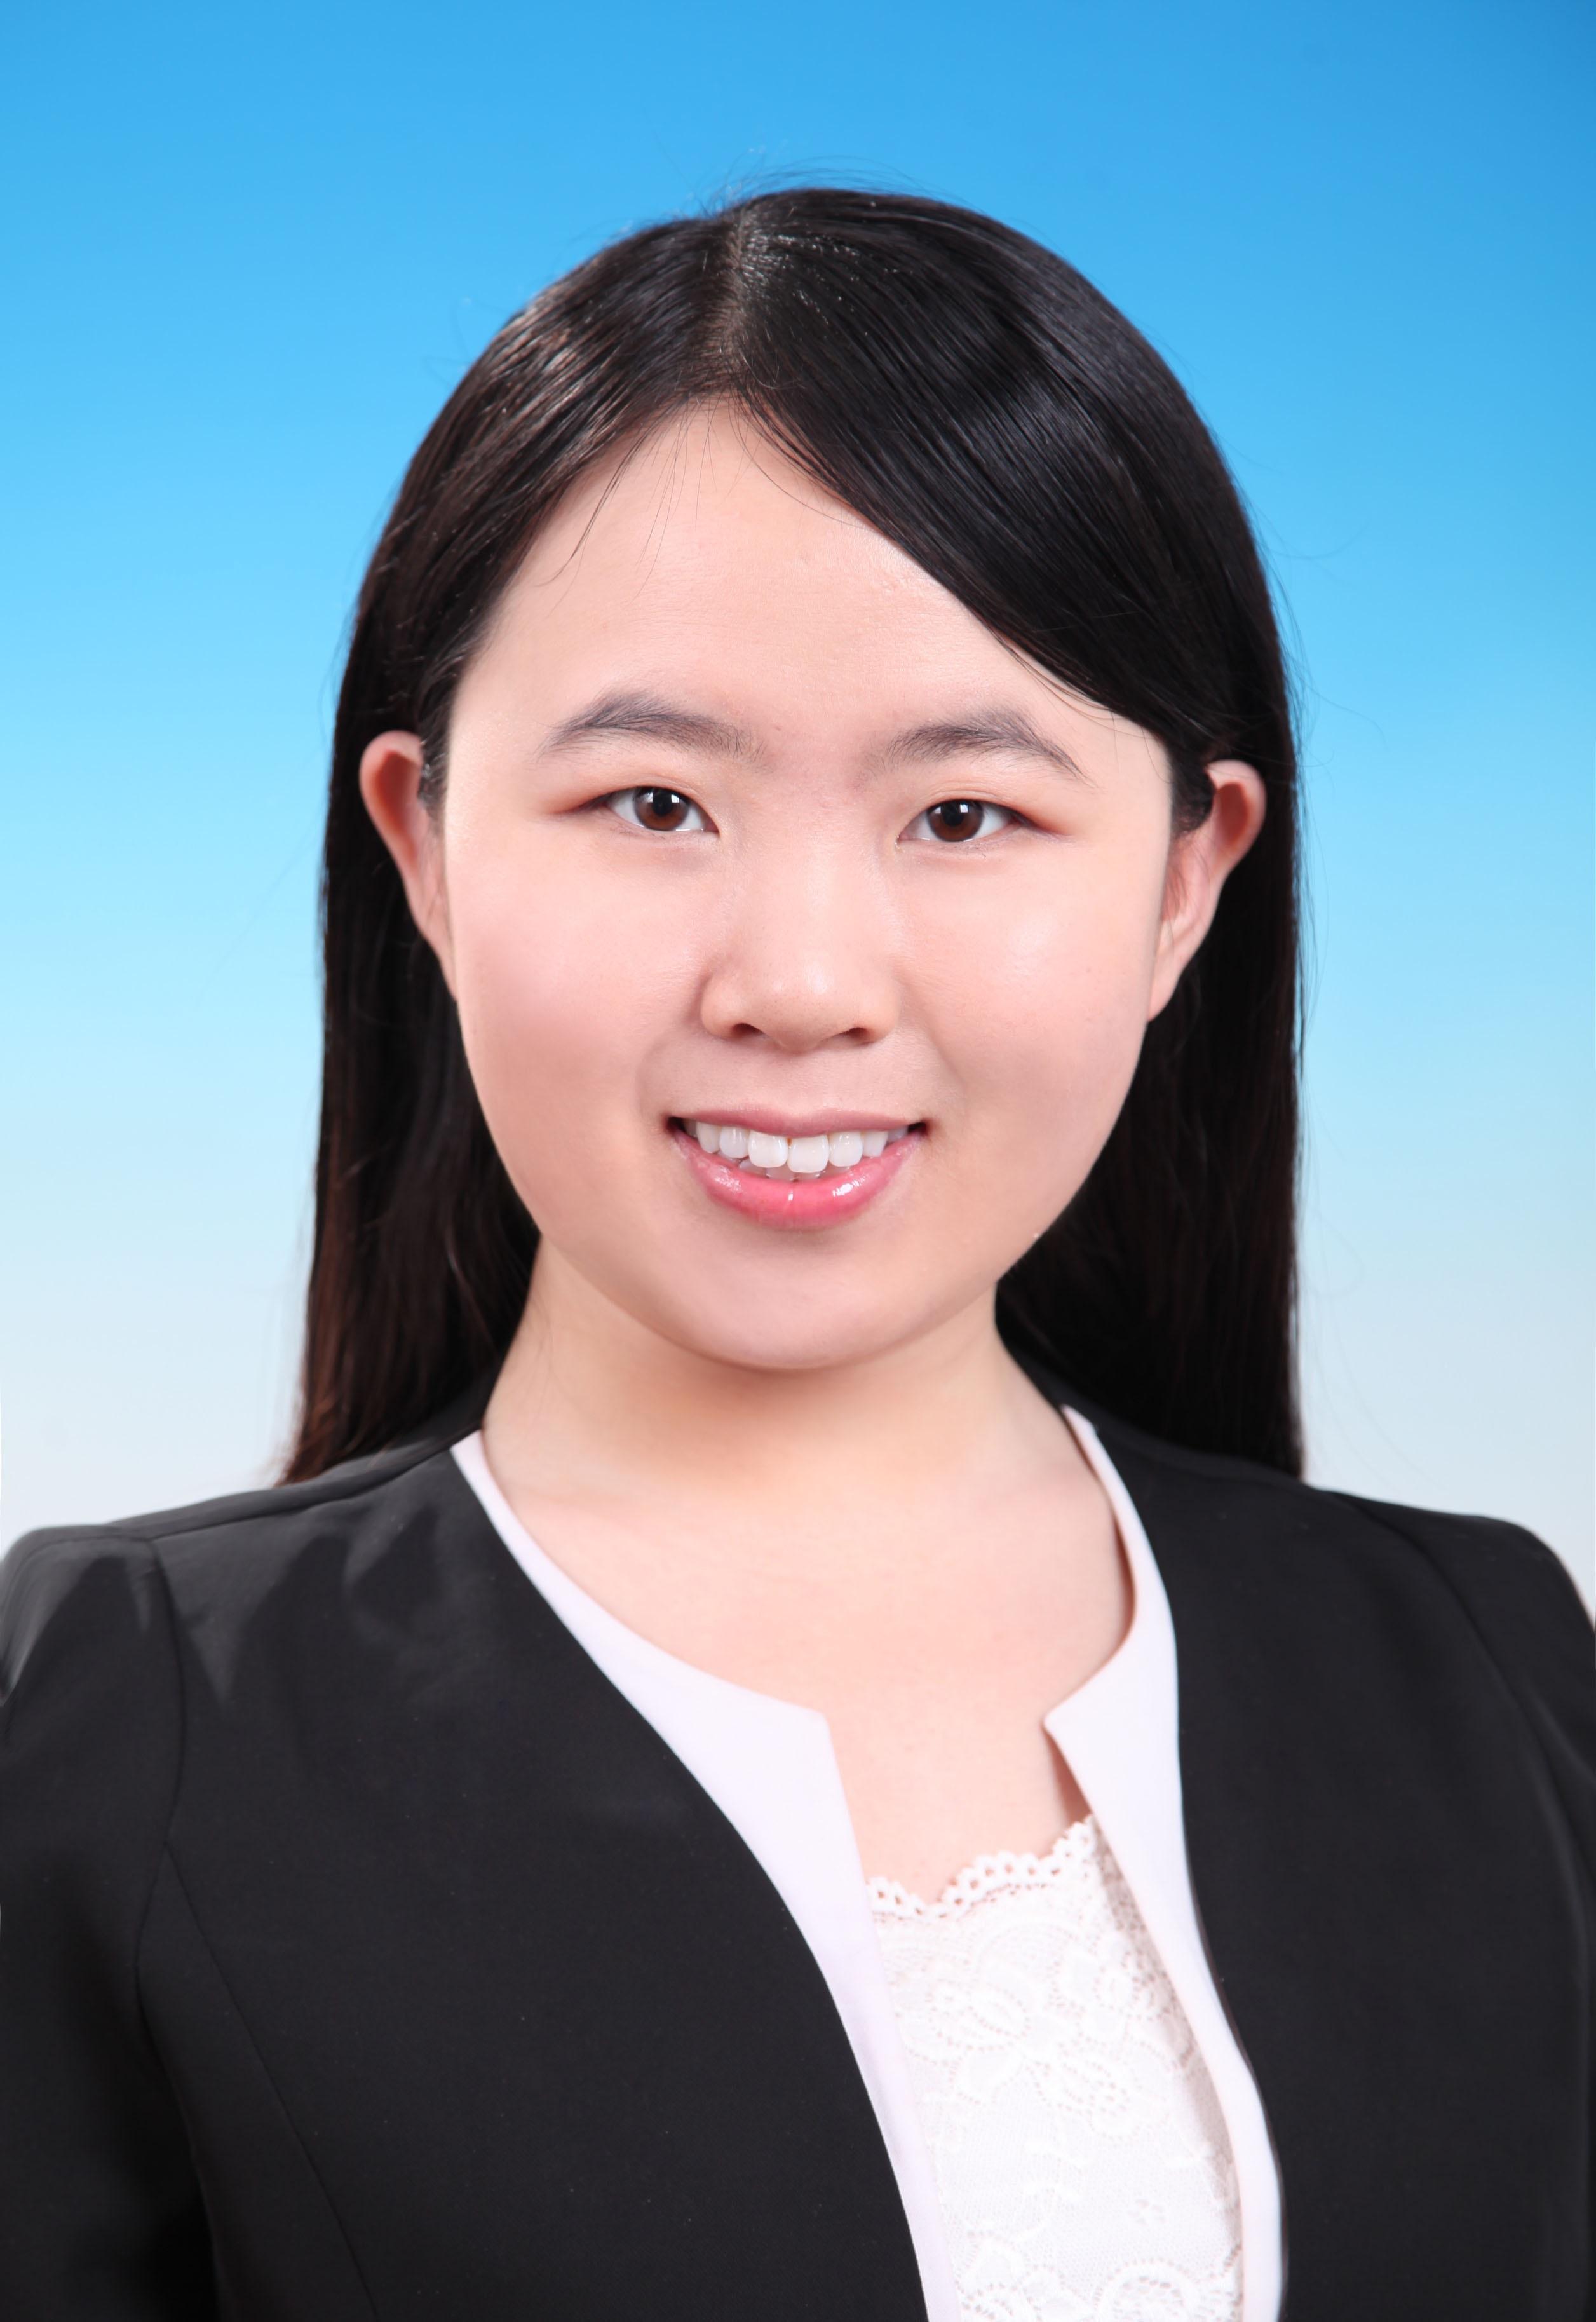 北京家教岳教员